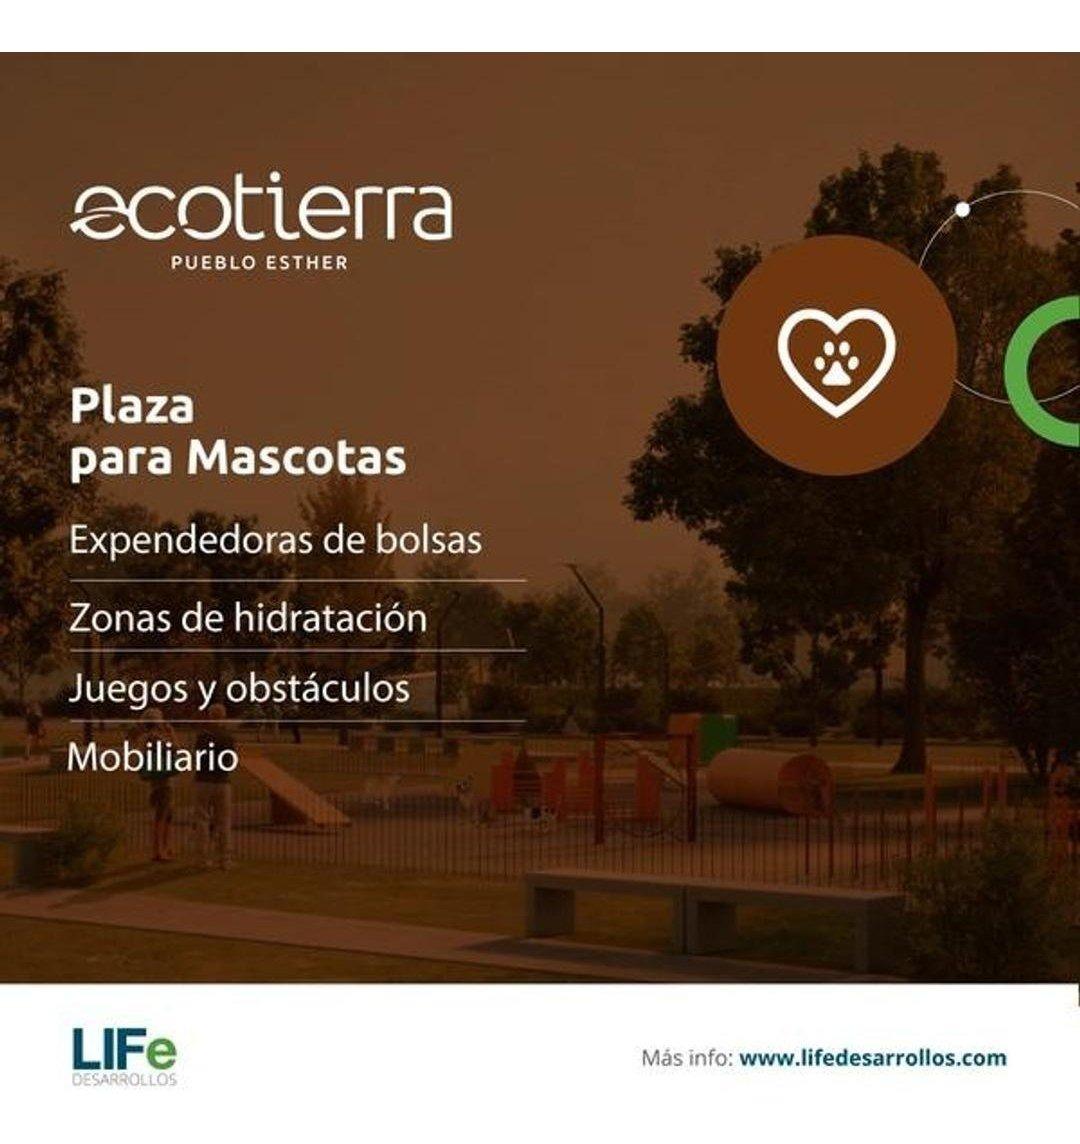 terrenos desde 300 m2 en pueblo esther con todos los servicios - ecotierra